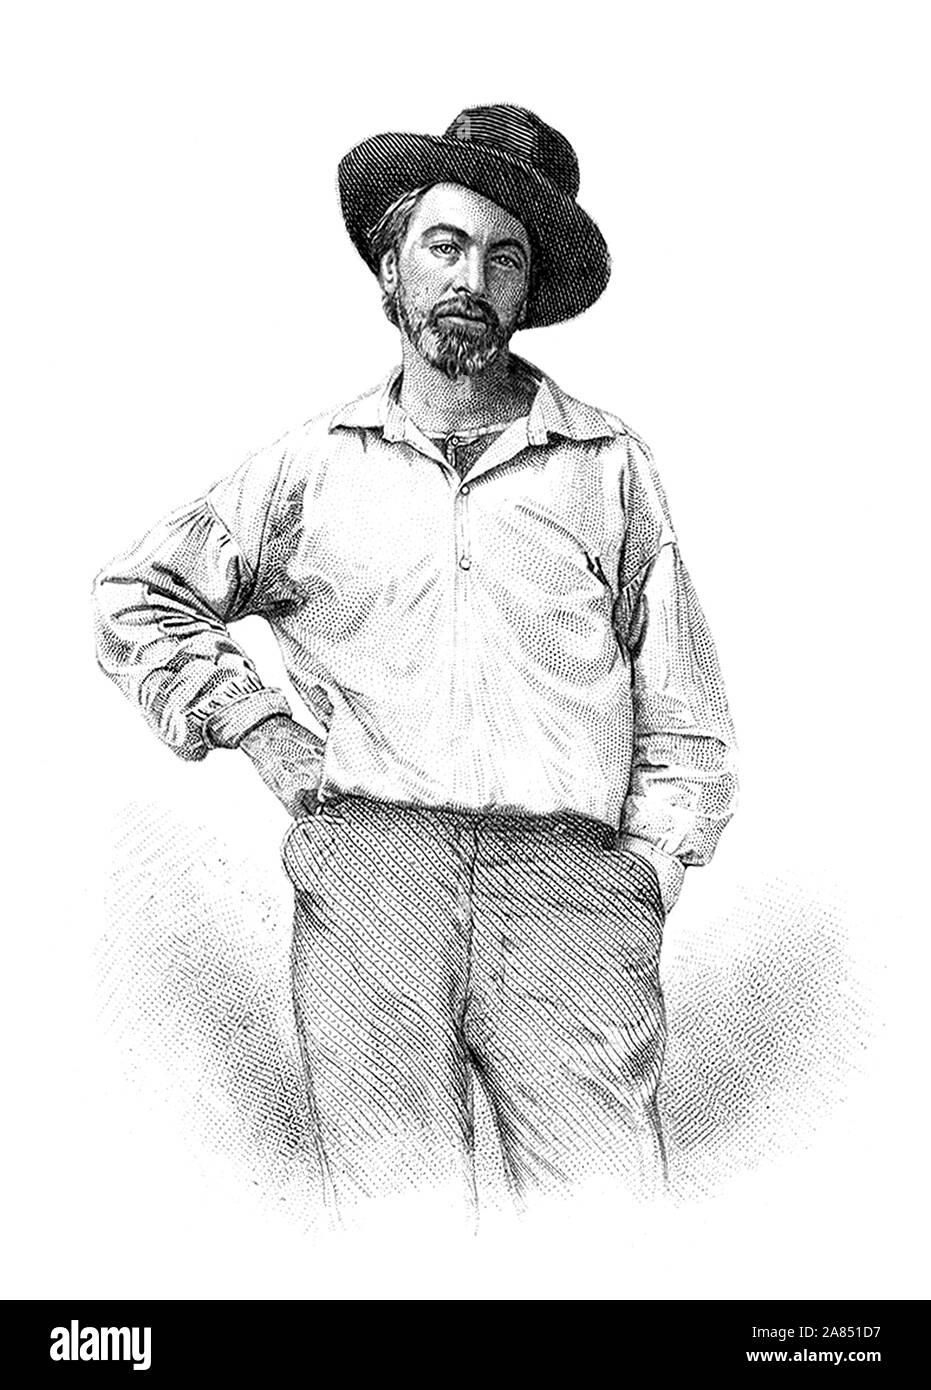 """Vintage ritratto del poeta americano, saggista e giornalista Walt Whitman (1819 - 1892). Incisione in acciaio di circa 1854 da Samuel Hollyer, basato su una perduta daguerreotype da Gabriel Harrison. Immagine usata come frontespizio nel 1855 prima edizione di Whitman """"Foglie di erba"""" la raccolta di poesie. Foto Stock"""